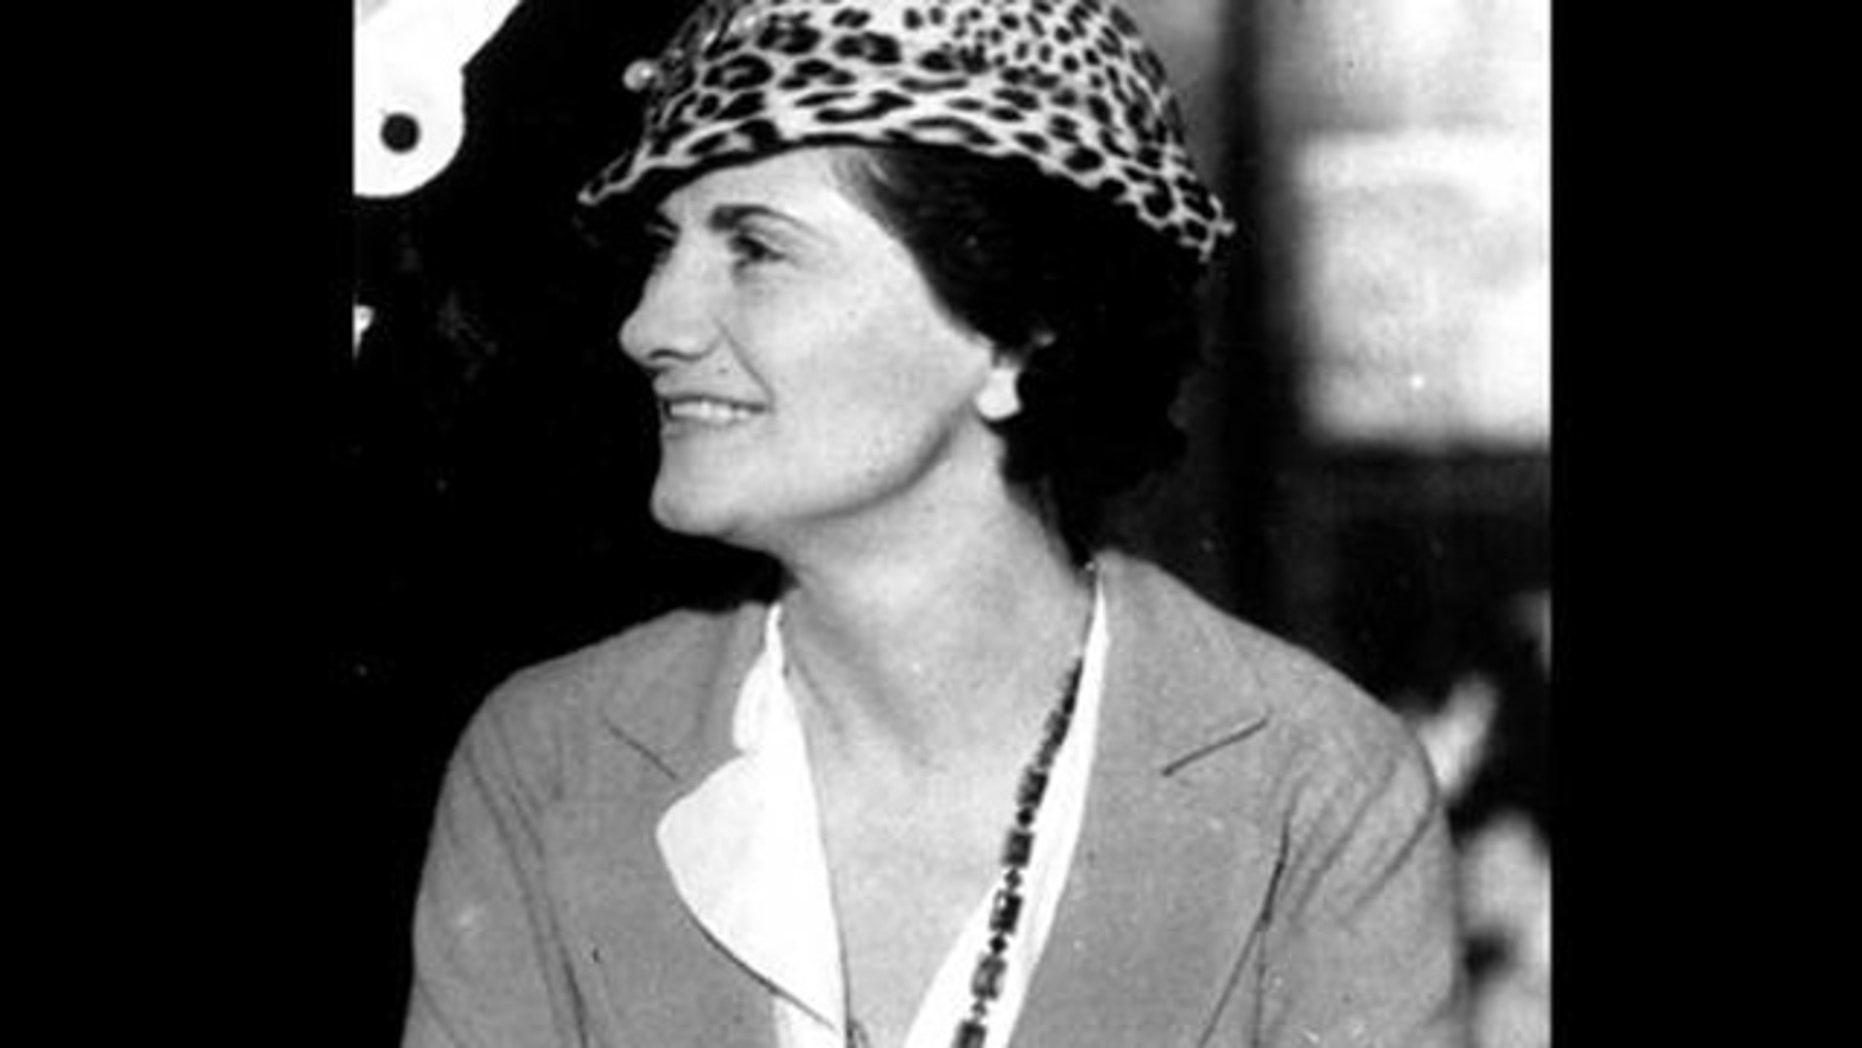 e500d5ddd23 Fashion Legend Coco Chanel Was a Nazi Spy